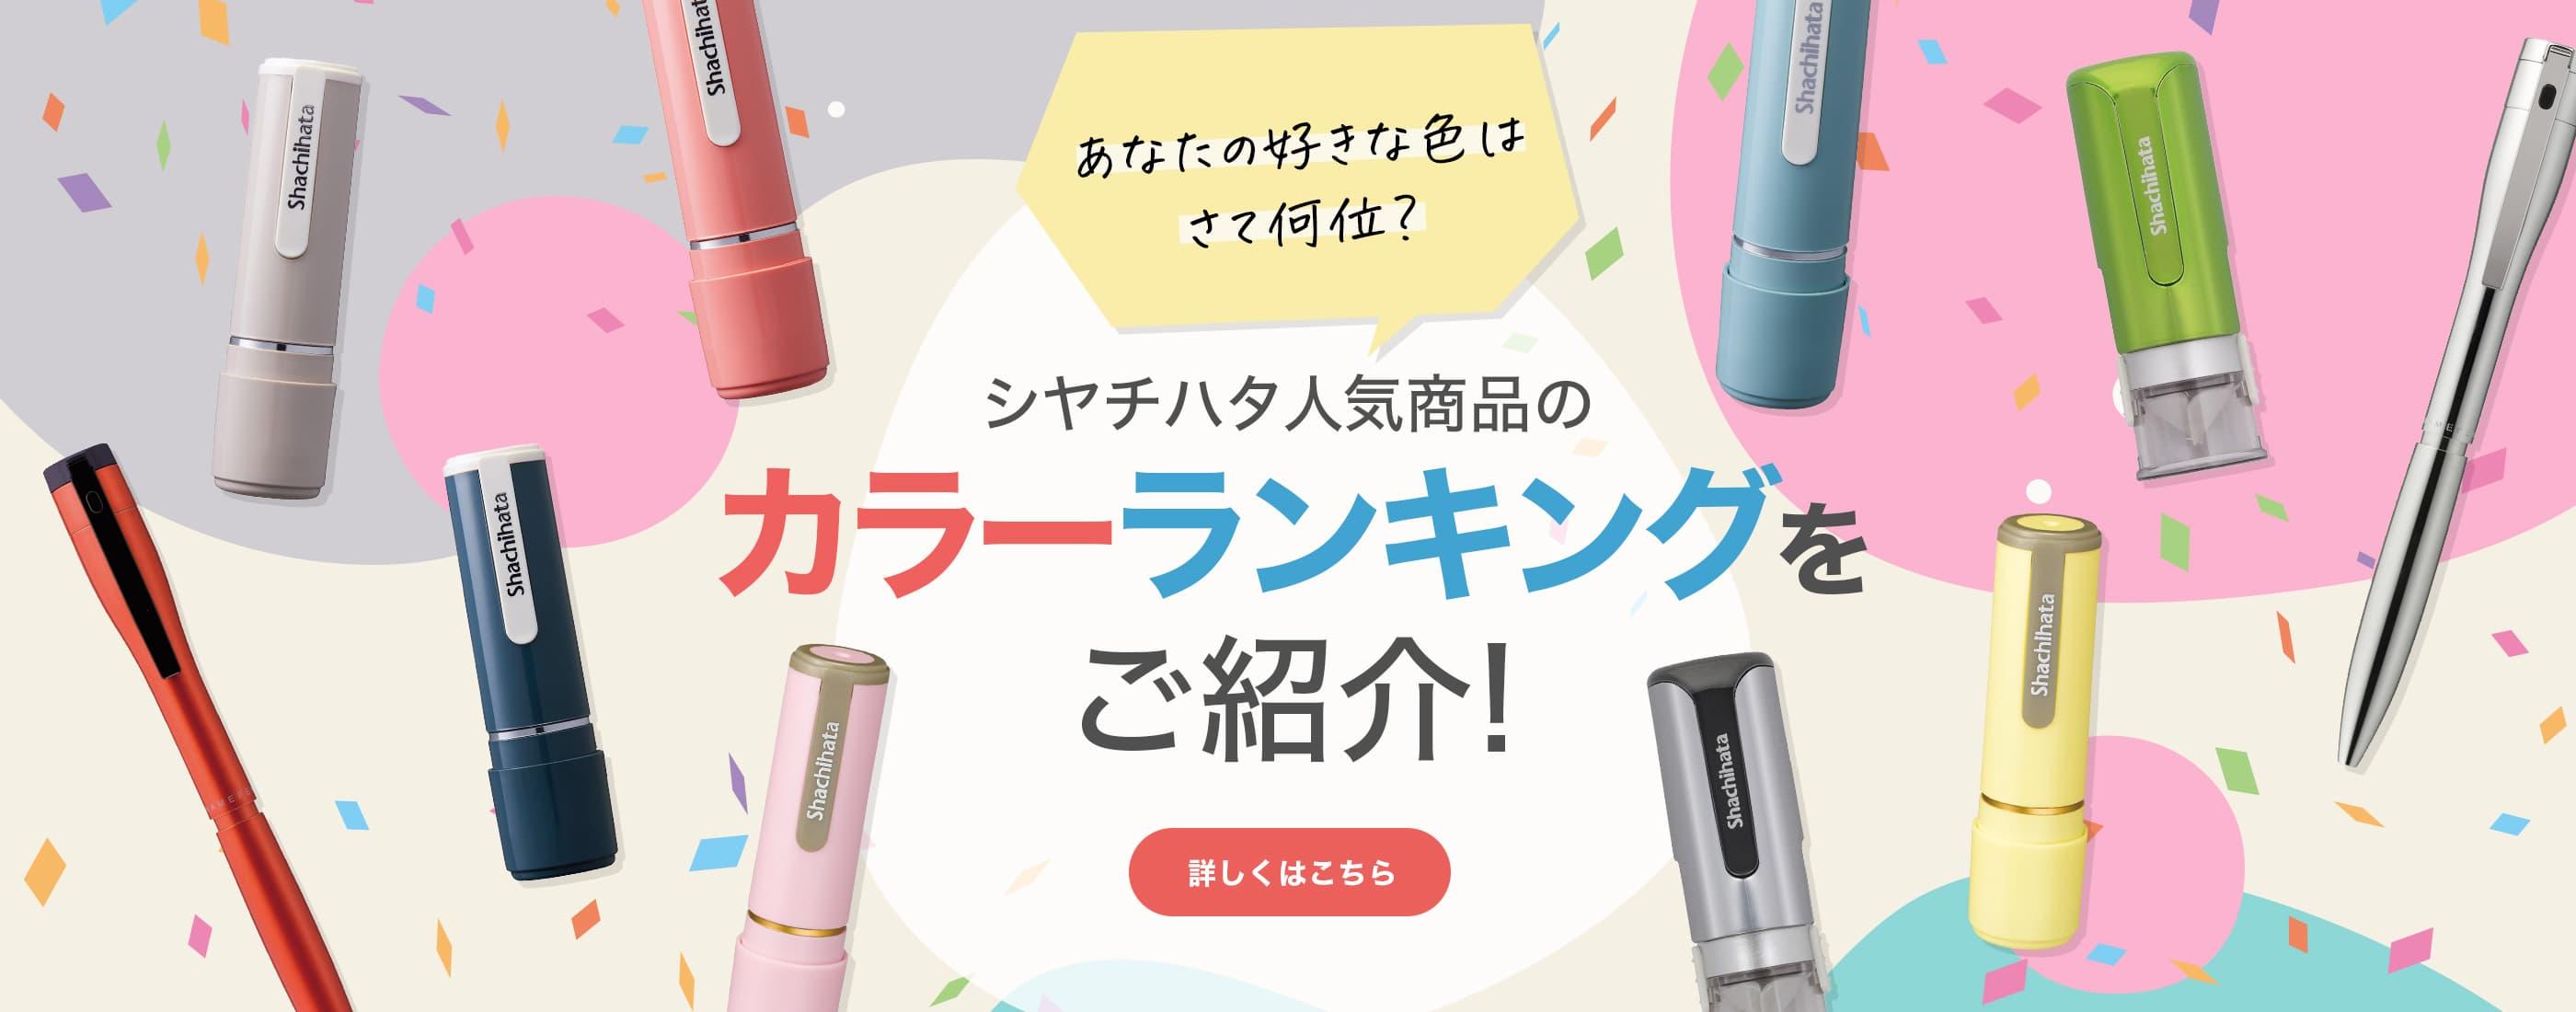 あなたの好きな色は、さて何位?シヤチハタ人気商品のカラーランキングをご紹介!